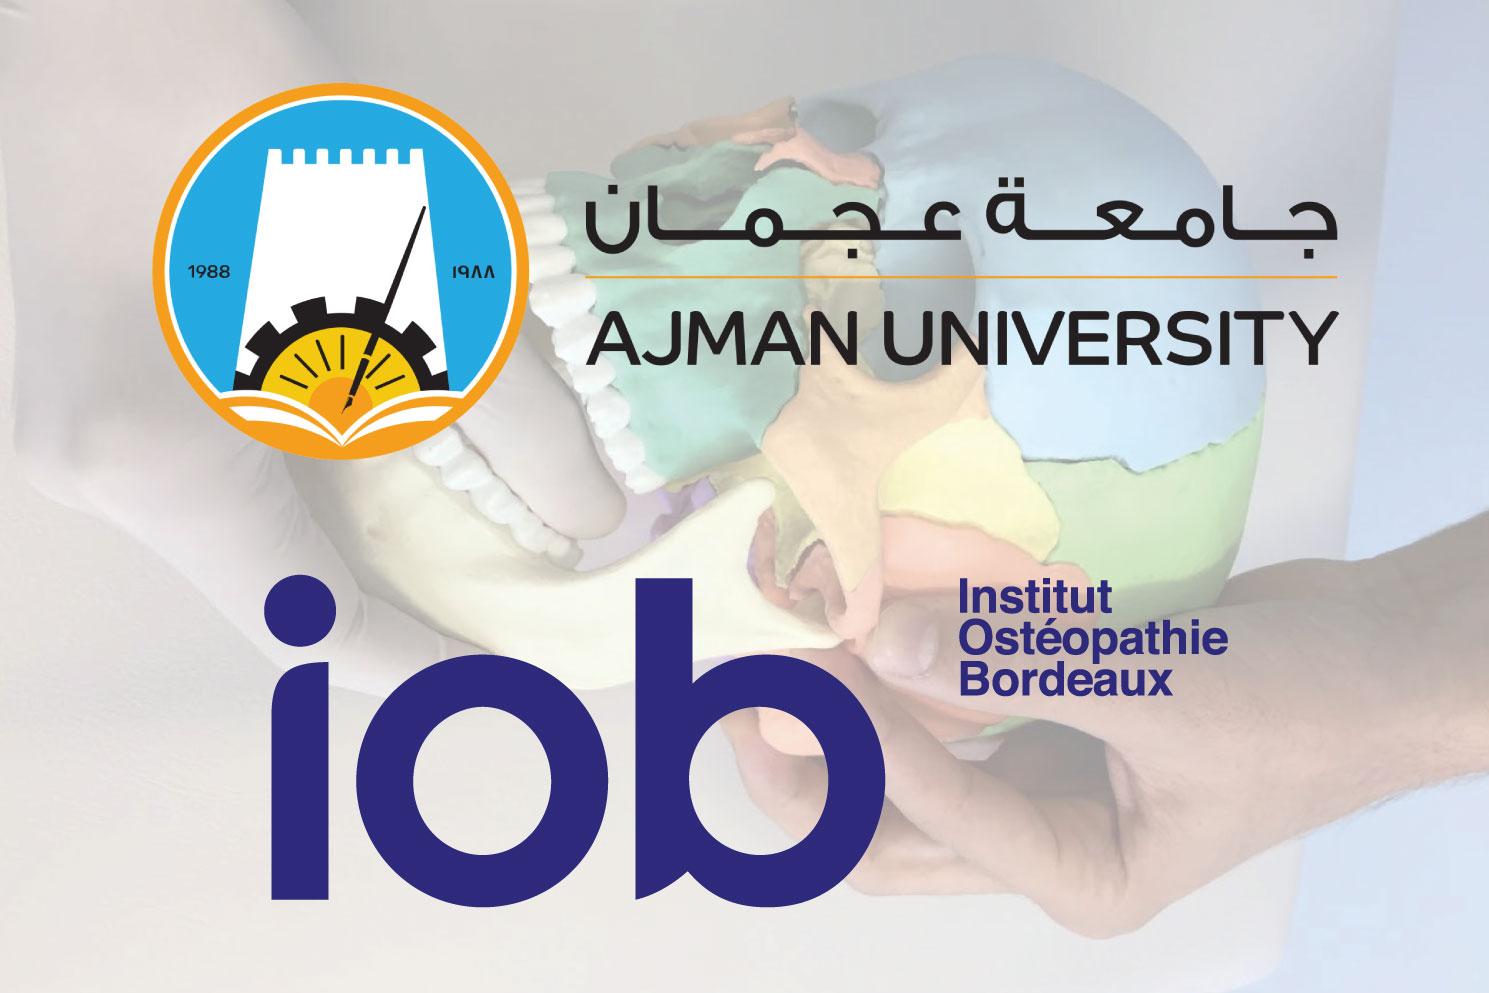 IOB-ecole-osteopathie-bordeaux-partenariat-ajman-university-dubai